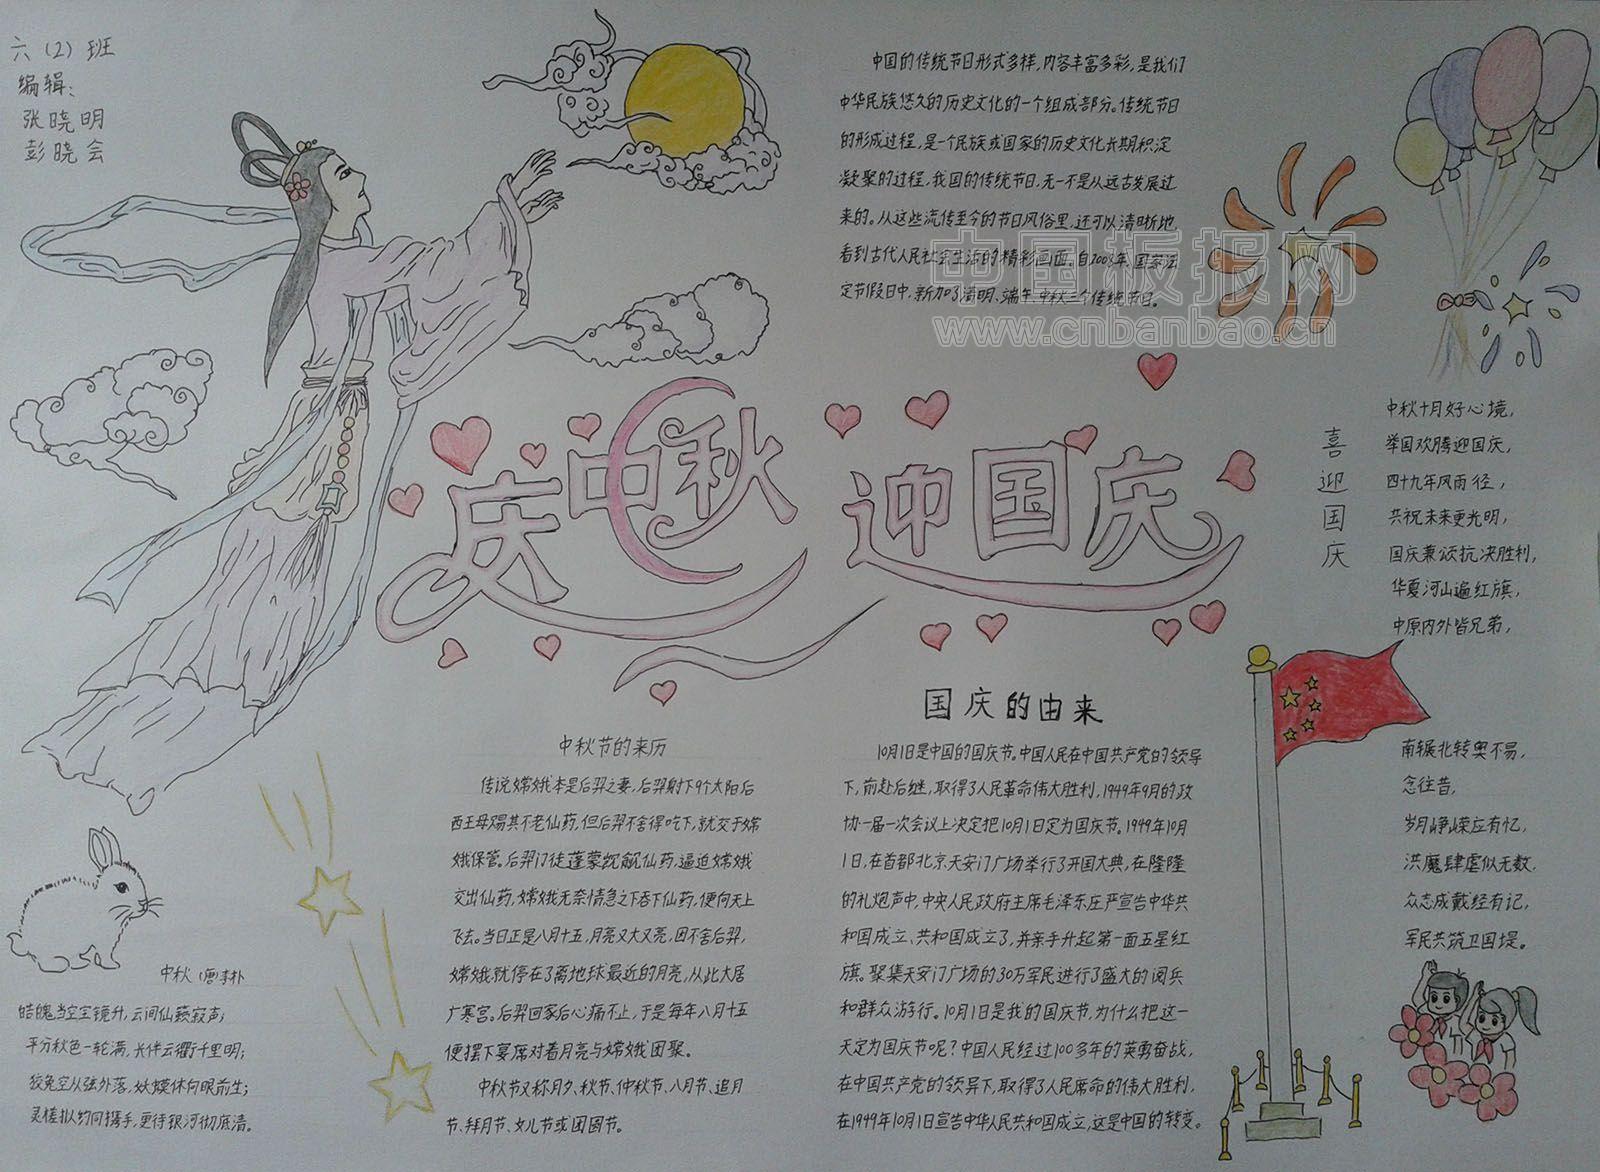 """迎中秋庆国庆手抄报!每年的10月1日都是全中国人民鼓舞欢庆的日子,十月一日就是我们国家""""中国""""的生日。2016年的10月1日是新中国成立第67个年头,我们为祖国庆祝生日。爱智康为大家分享迎中秋庆国庆手抄报,一起来看看吧。   迎中秋庆国庆手抄报"""